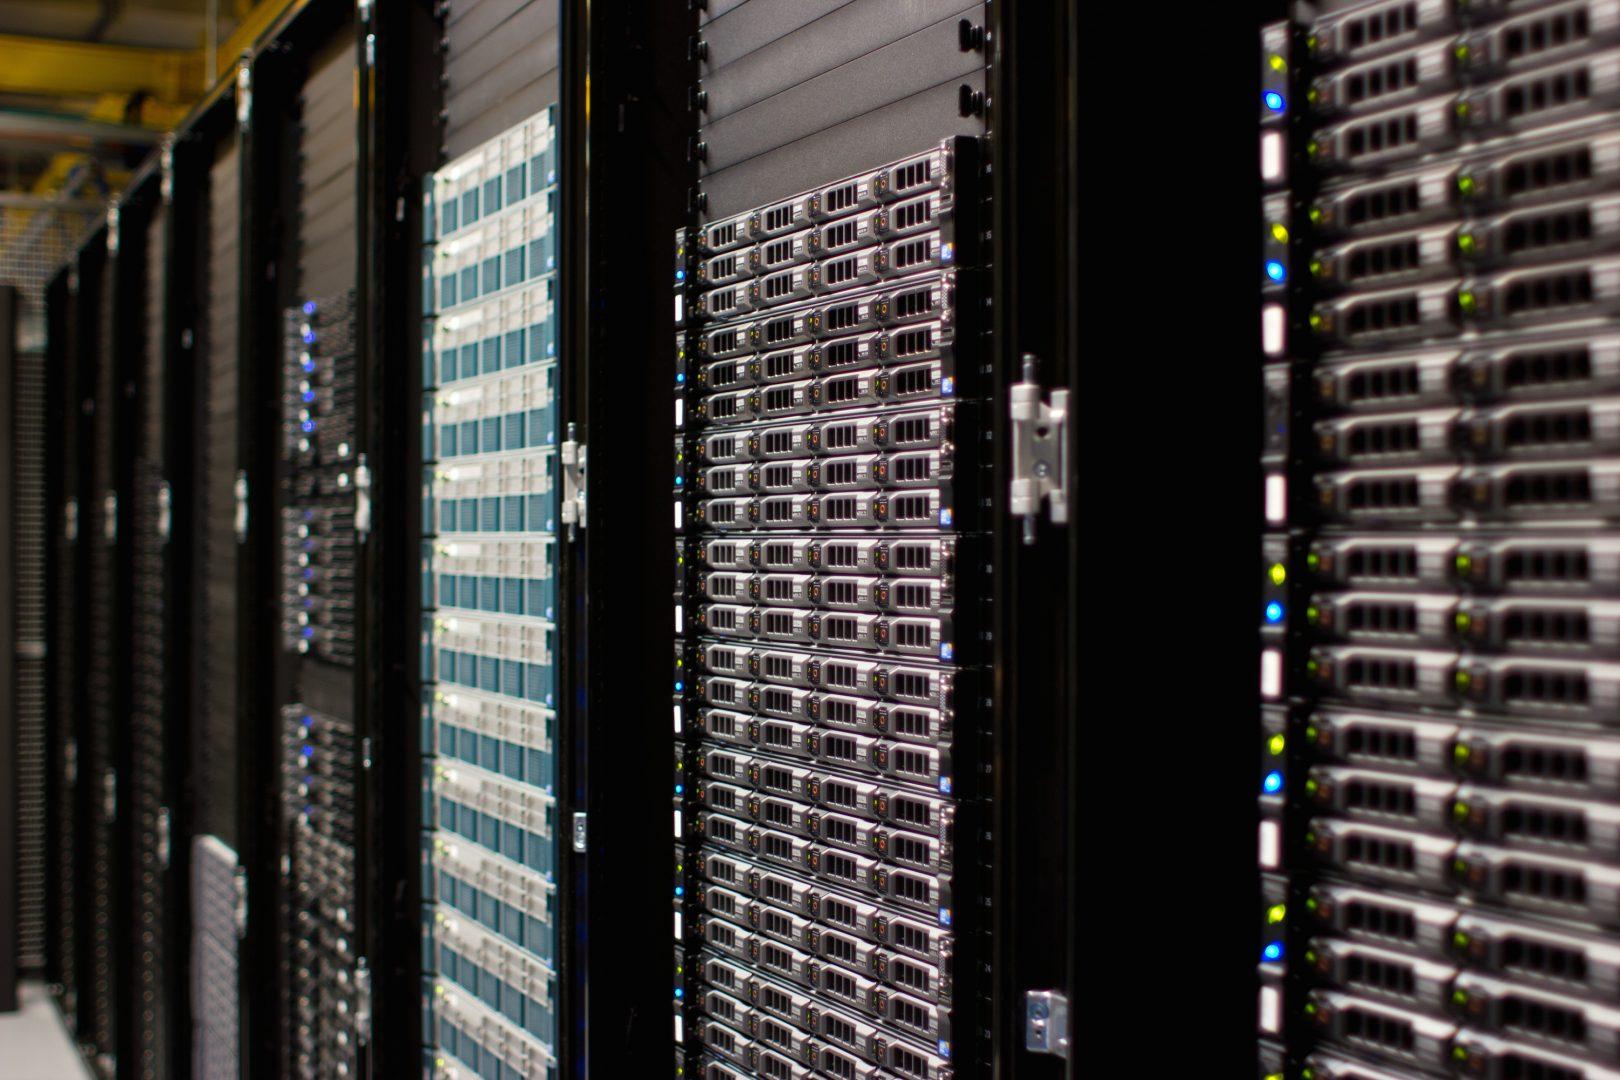 L'avenir des data centers passe par la convergence des infrastructures informatiques